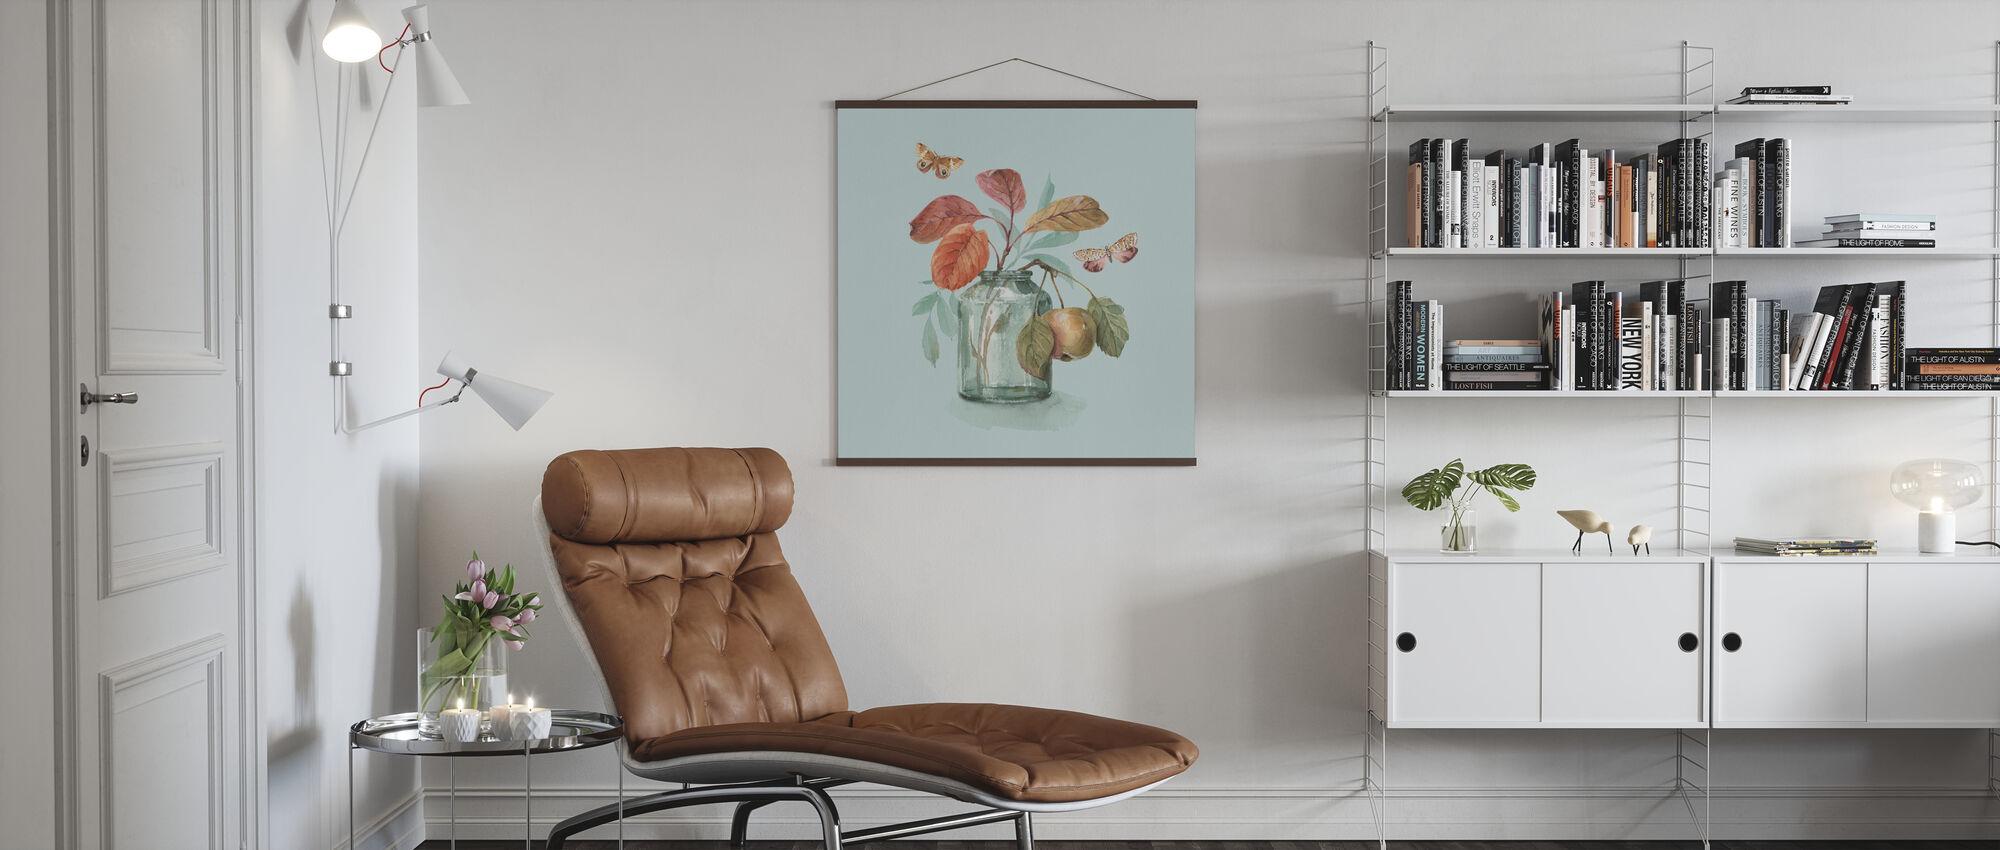 Autumn in Nature - Aqua - Poster - Living Room